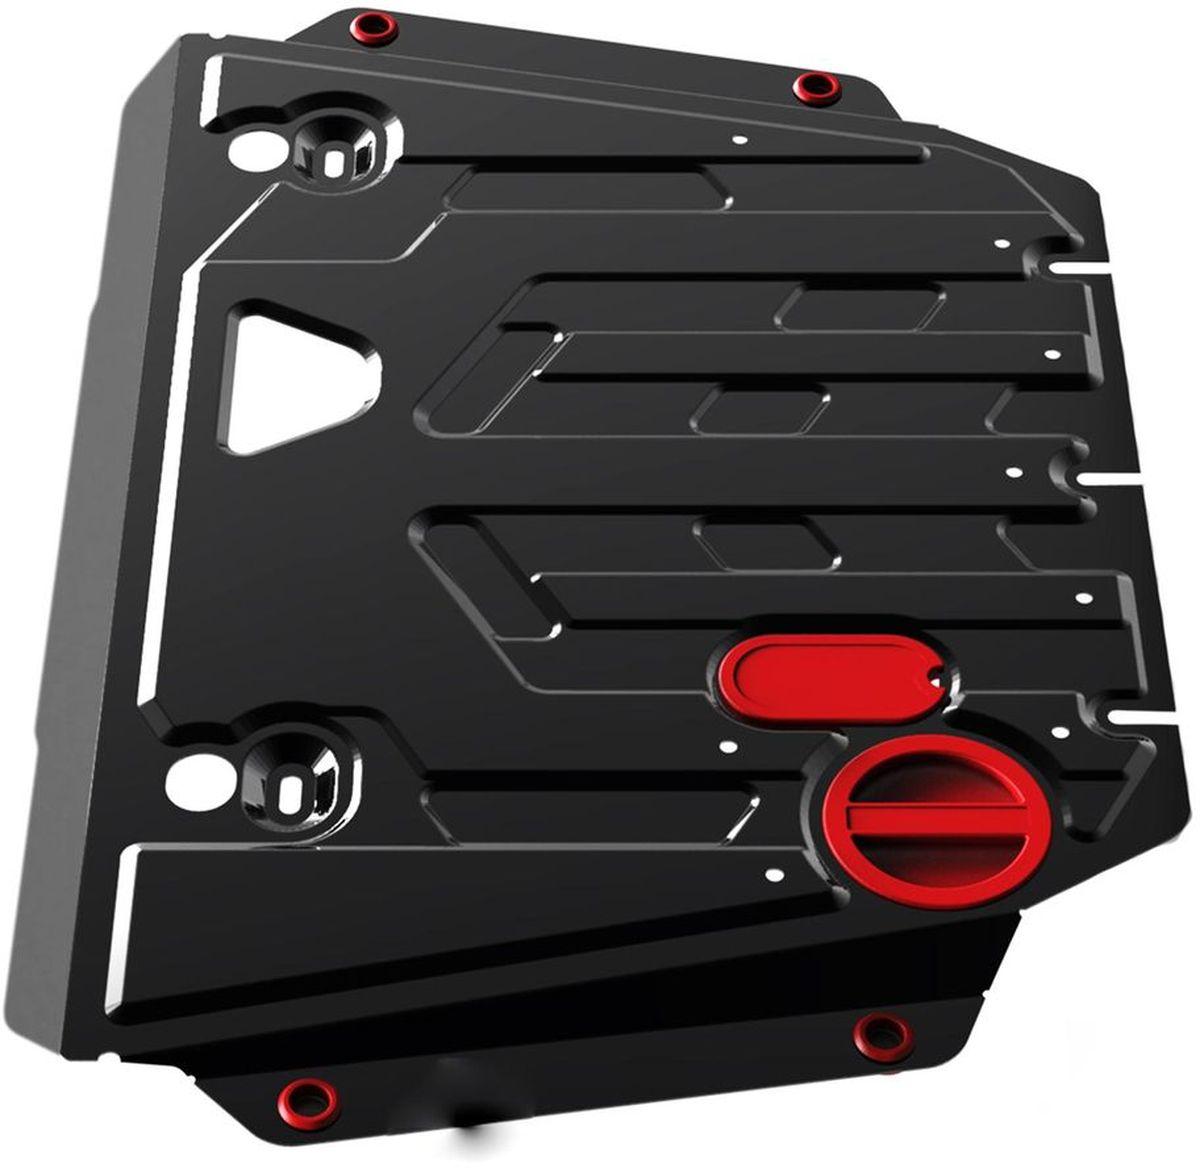 Защита картера и КПП Автоброня, для Honda Civic 5dr (Hatchback) V - 1,8 (2006-2012)111.02103.1Технологически совершенный продукт за невысокую стоимость. Защита разработана с учетом особенностей днища автомобиля, что позволяет сохранить дорожный просвет с минимальным изменением. Защита устанавливается в штатные места кузова автомобиля. Глубокий штамп обеспечивает до двух раз больше жесткости в сравнении с обычной защитой той же толщины. Проштампованные ребра жесткости препятствуют деформации защиты при ударах. Тепловой зазор и вентиляционные отверстия обеспечивают сохранение температурного режима двигателя в норме. Скрытый крепеж предотвращает срыв крепежных элементов при наезде на препятствие. Шумопоглощающие резиновые элементы обеспечивают комфортную езду без вибраций и скрежета металла, а съемные лючки для слива масла и замены фильтра - экономию средств и время. Конструкция изделия не влияет на пассивную безопасность автомобиля (при ударе защита не воздействует на деформационные зоны кузова). Со штатным крепежом. В комплекте инструкция по установке....